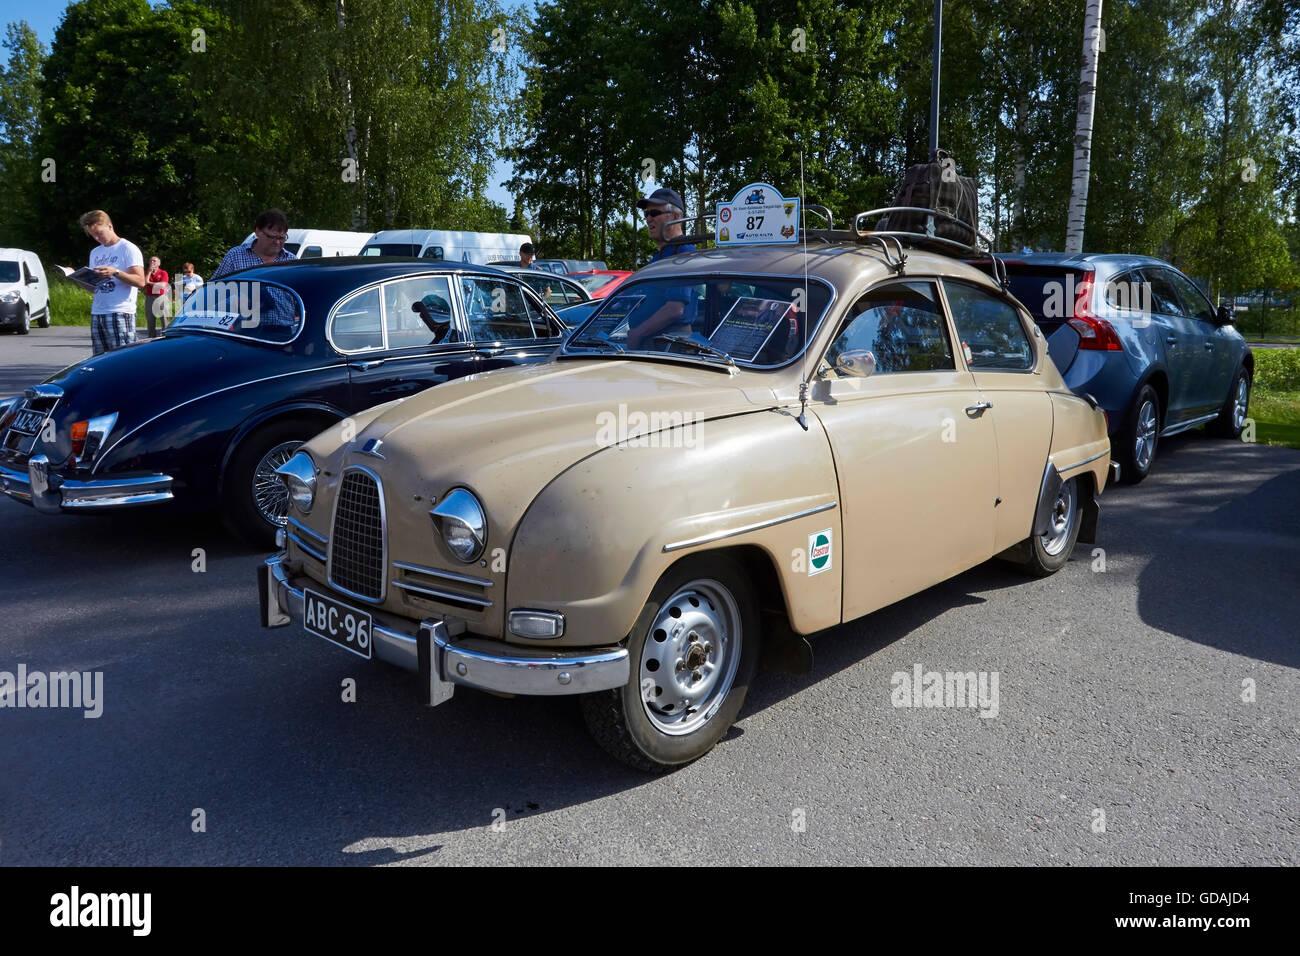 1962 Saab 96 - Stock Image